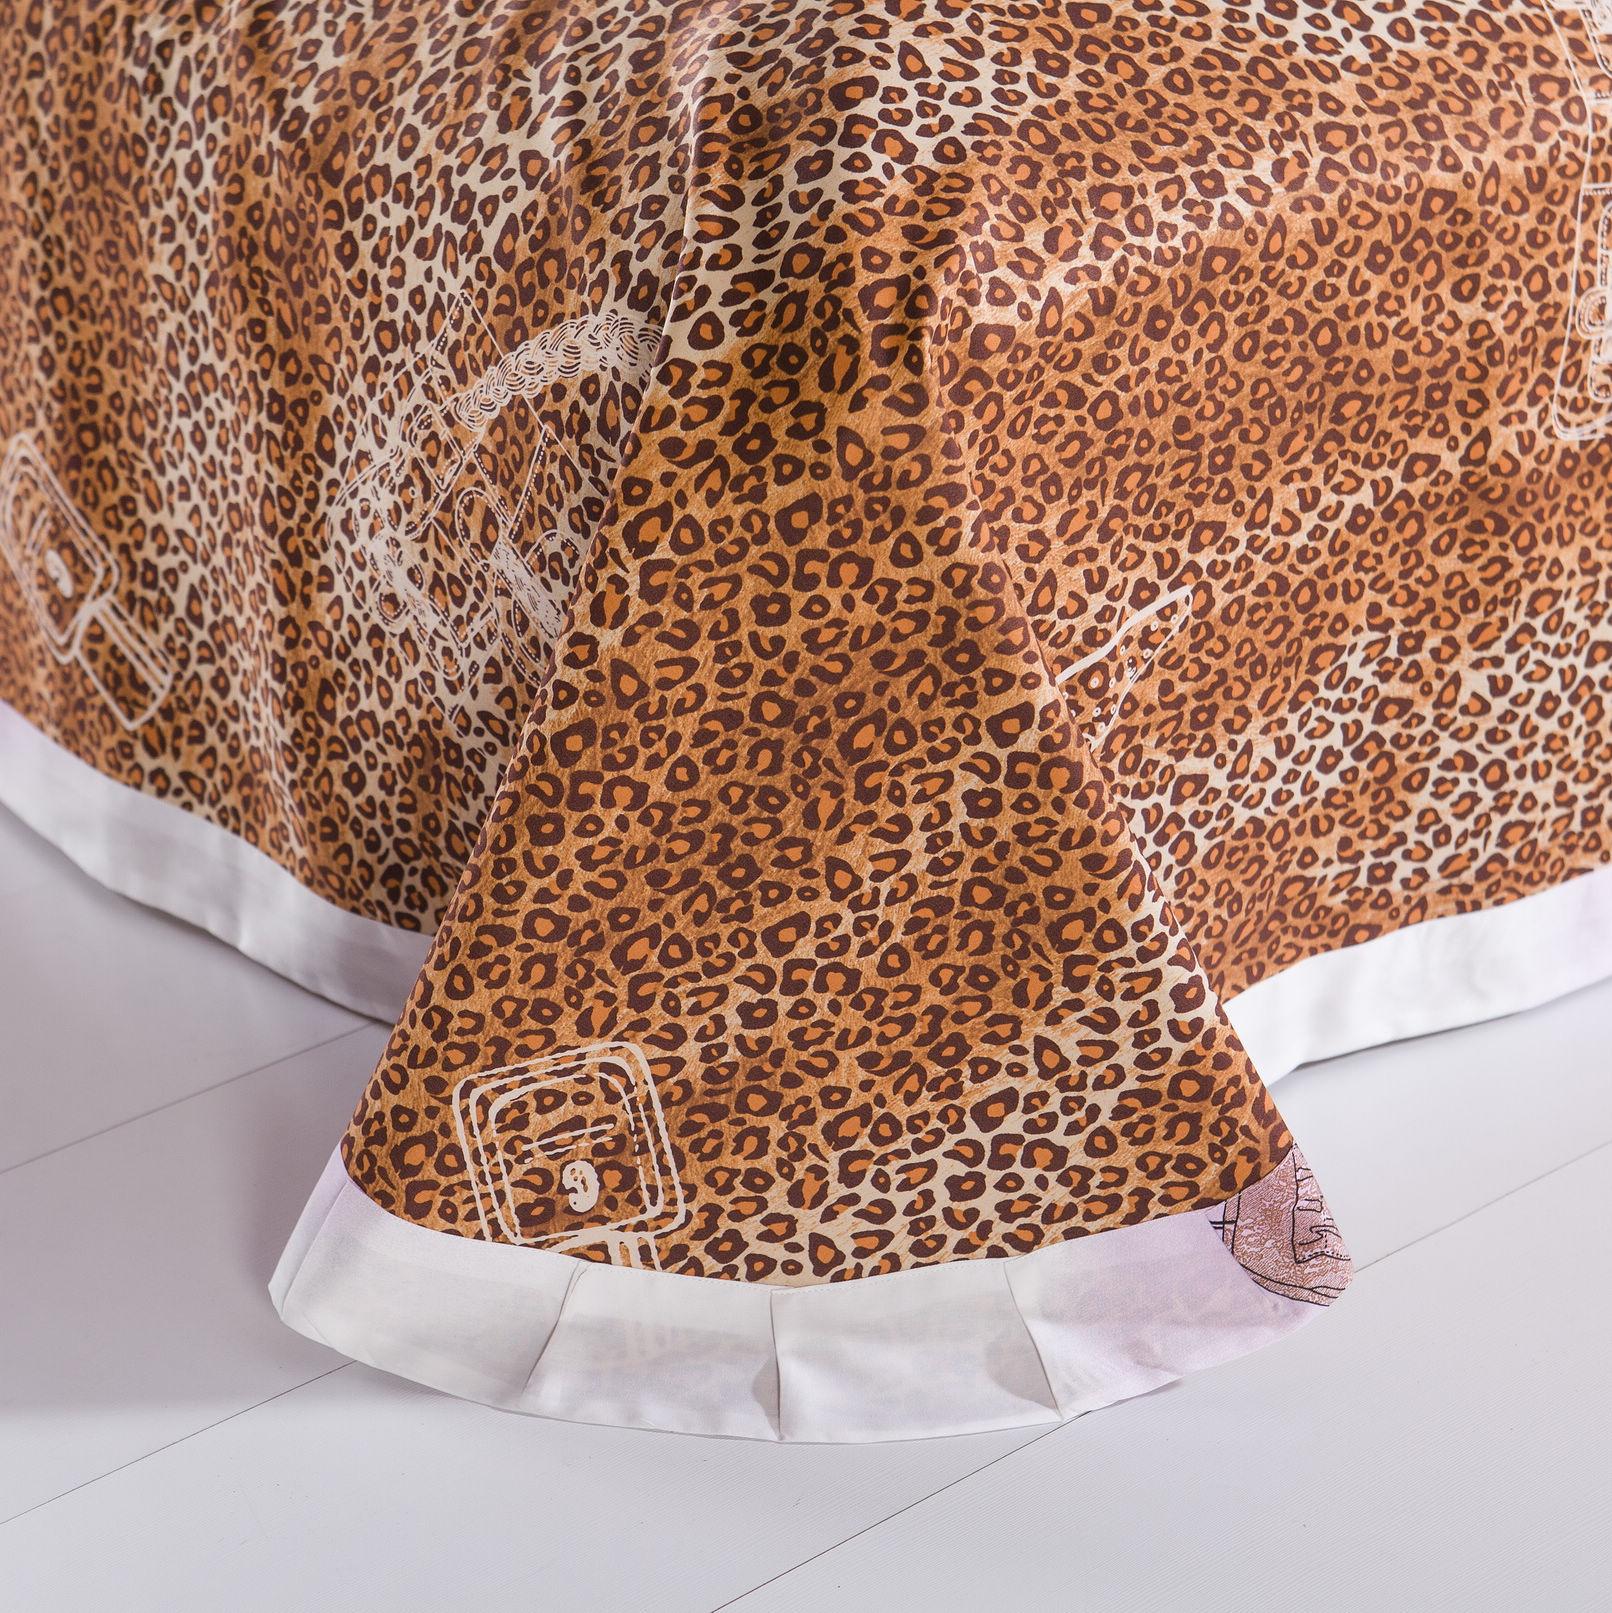 Комплект постельного белья 包邮床上用品布艺软饰悠荷活性斜纹印花简纯棉女正品四件套床单垫